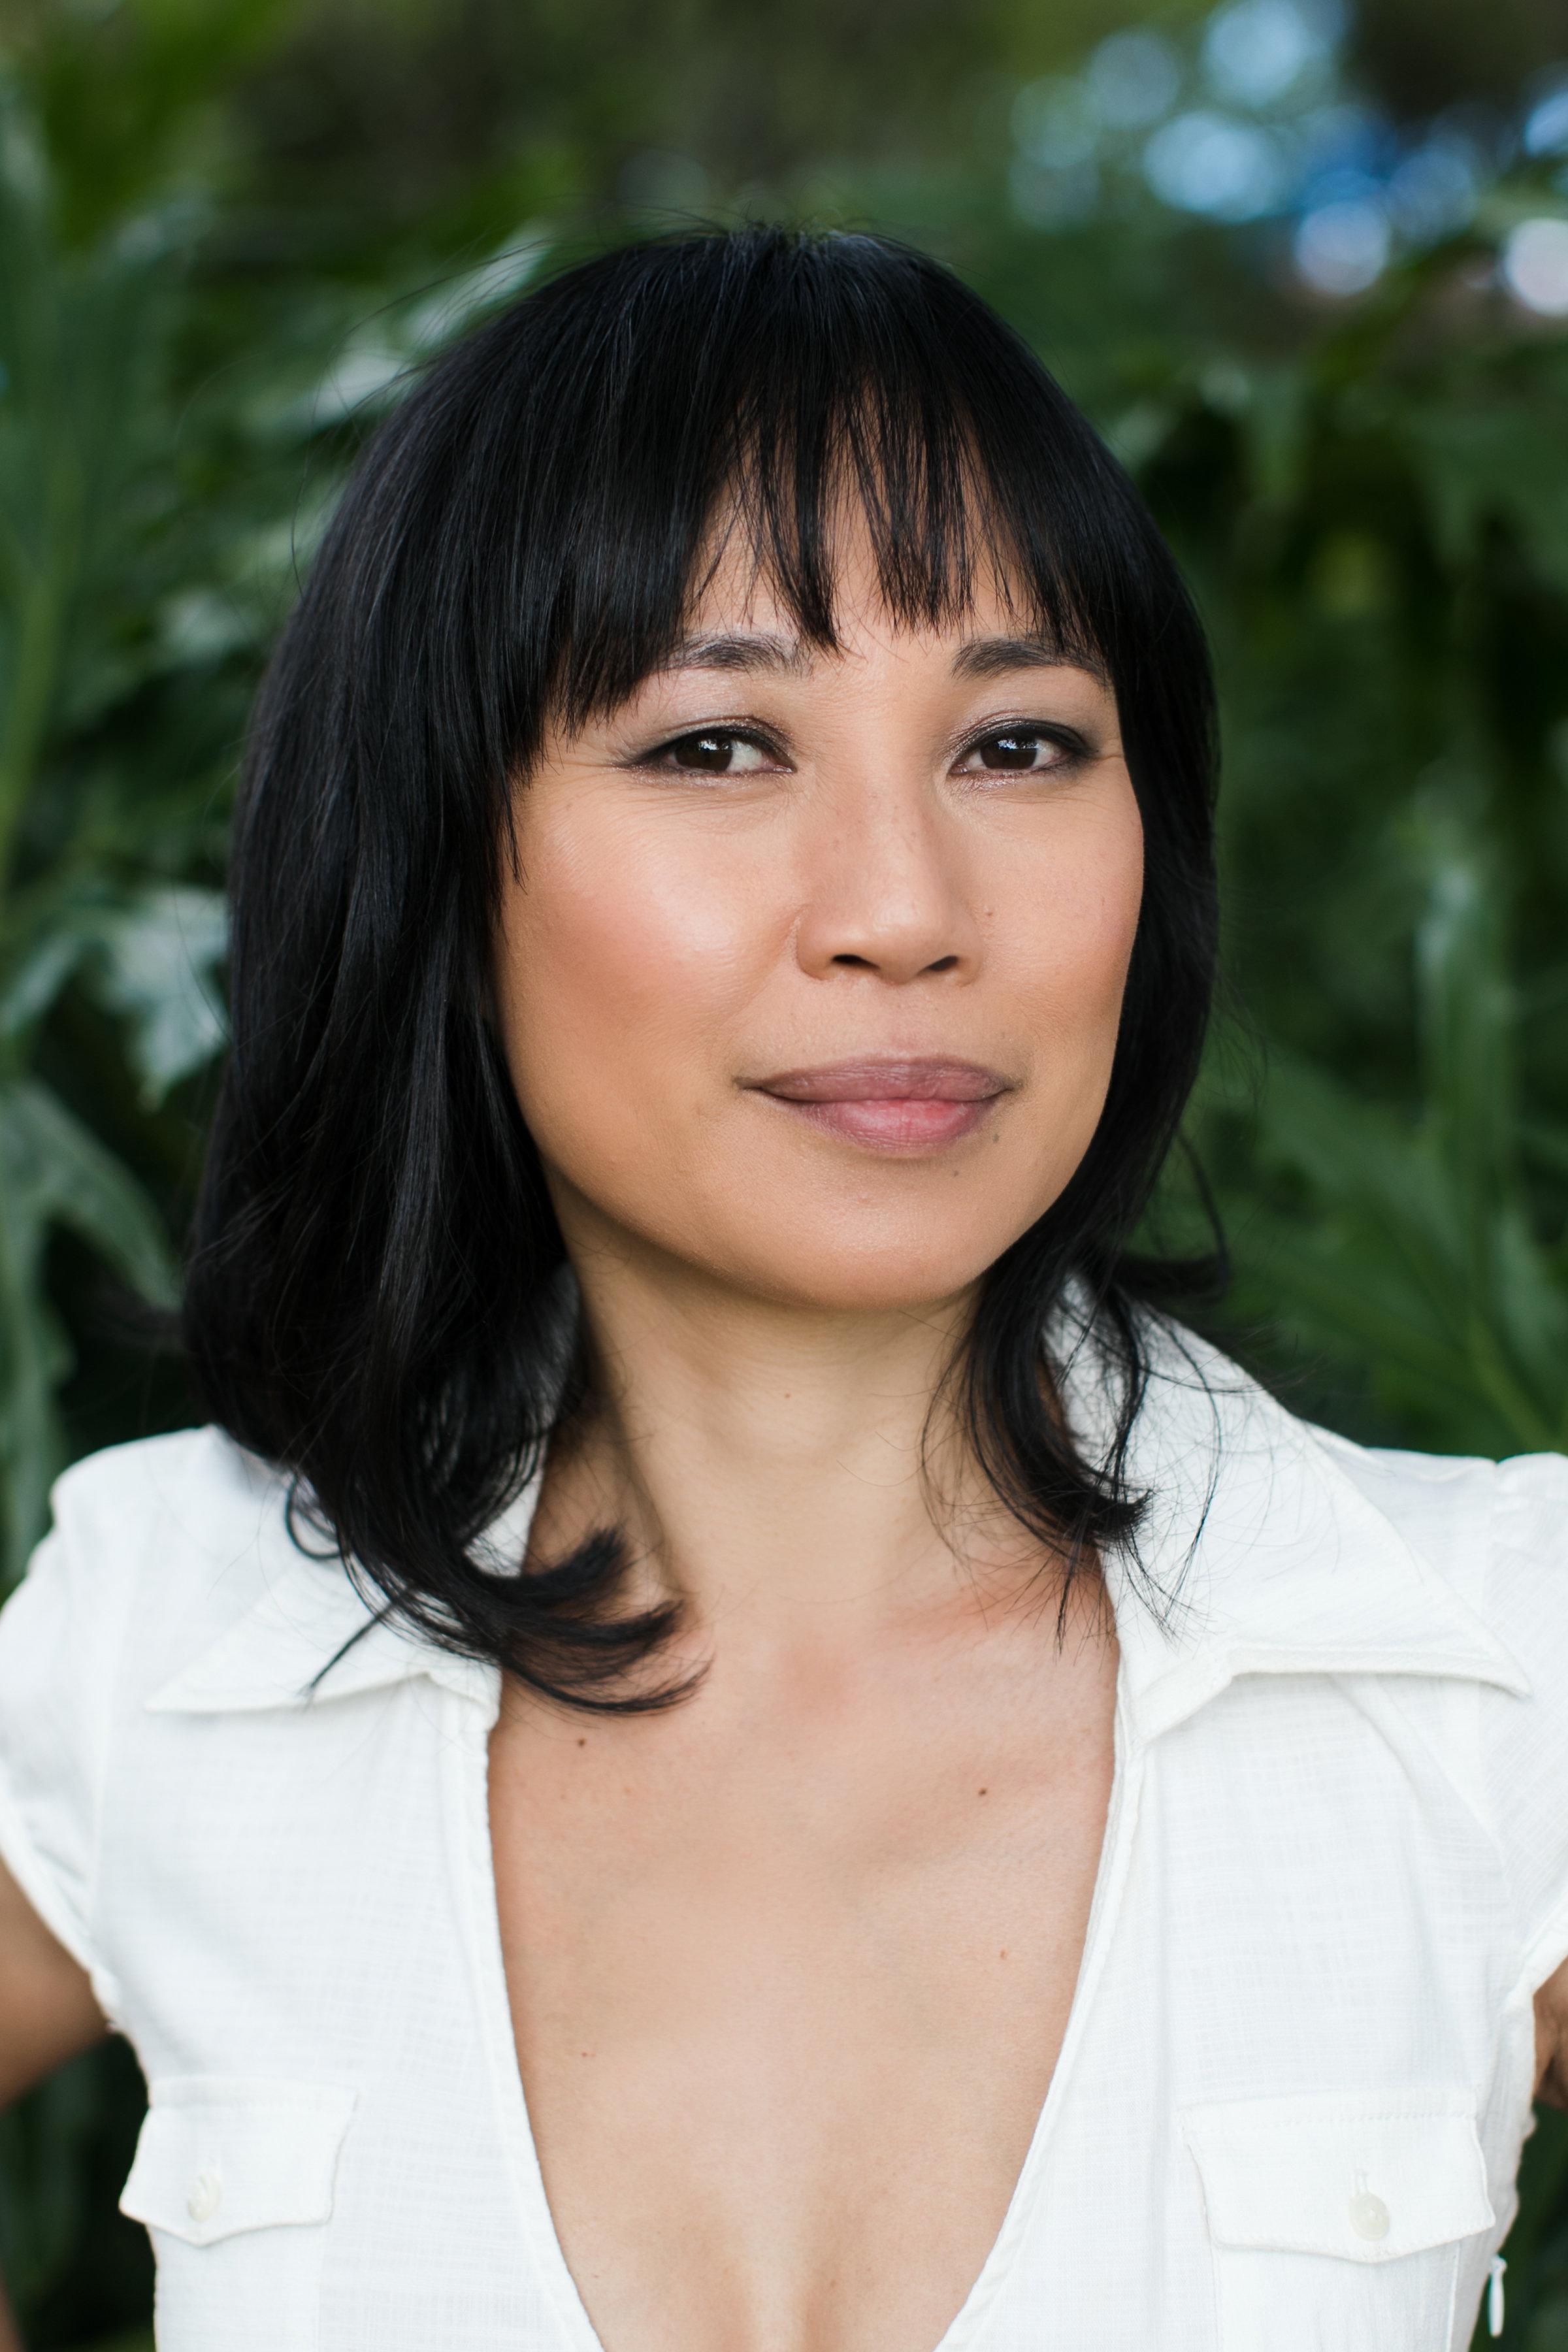 Ling-Hsueh Tang